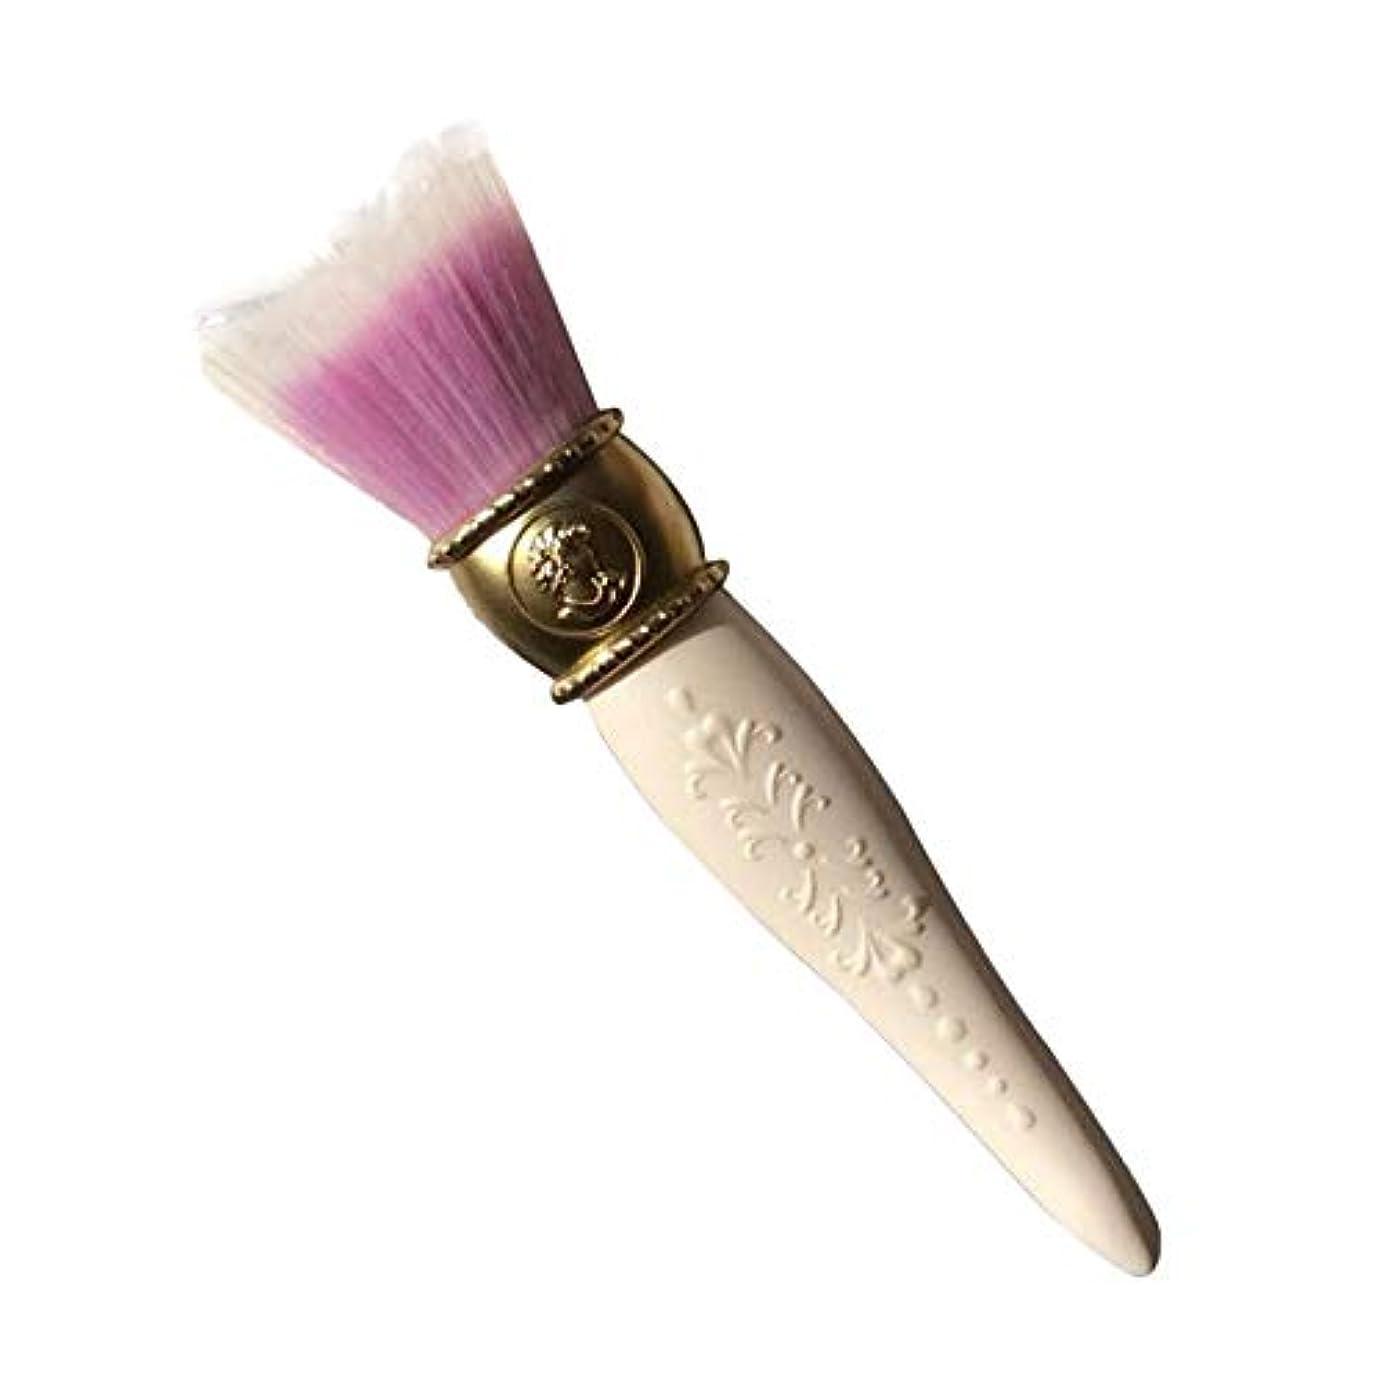 殺します出くわす先住民笑え熊 貴族のシルバー ゴールド 高級タクロン 高級繊維毛 化粧ブラシ 化粧筆 手作業 化粧ポーチ付き